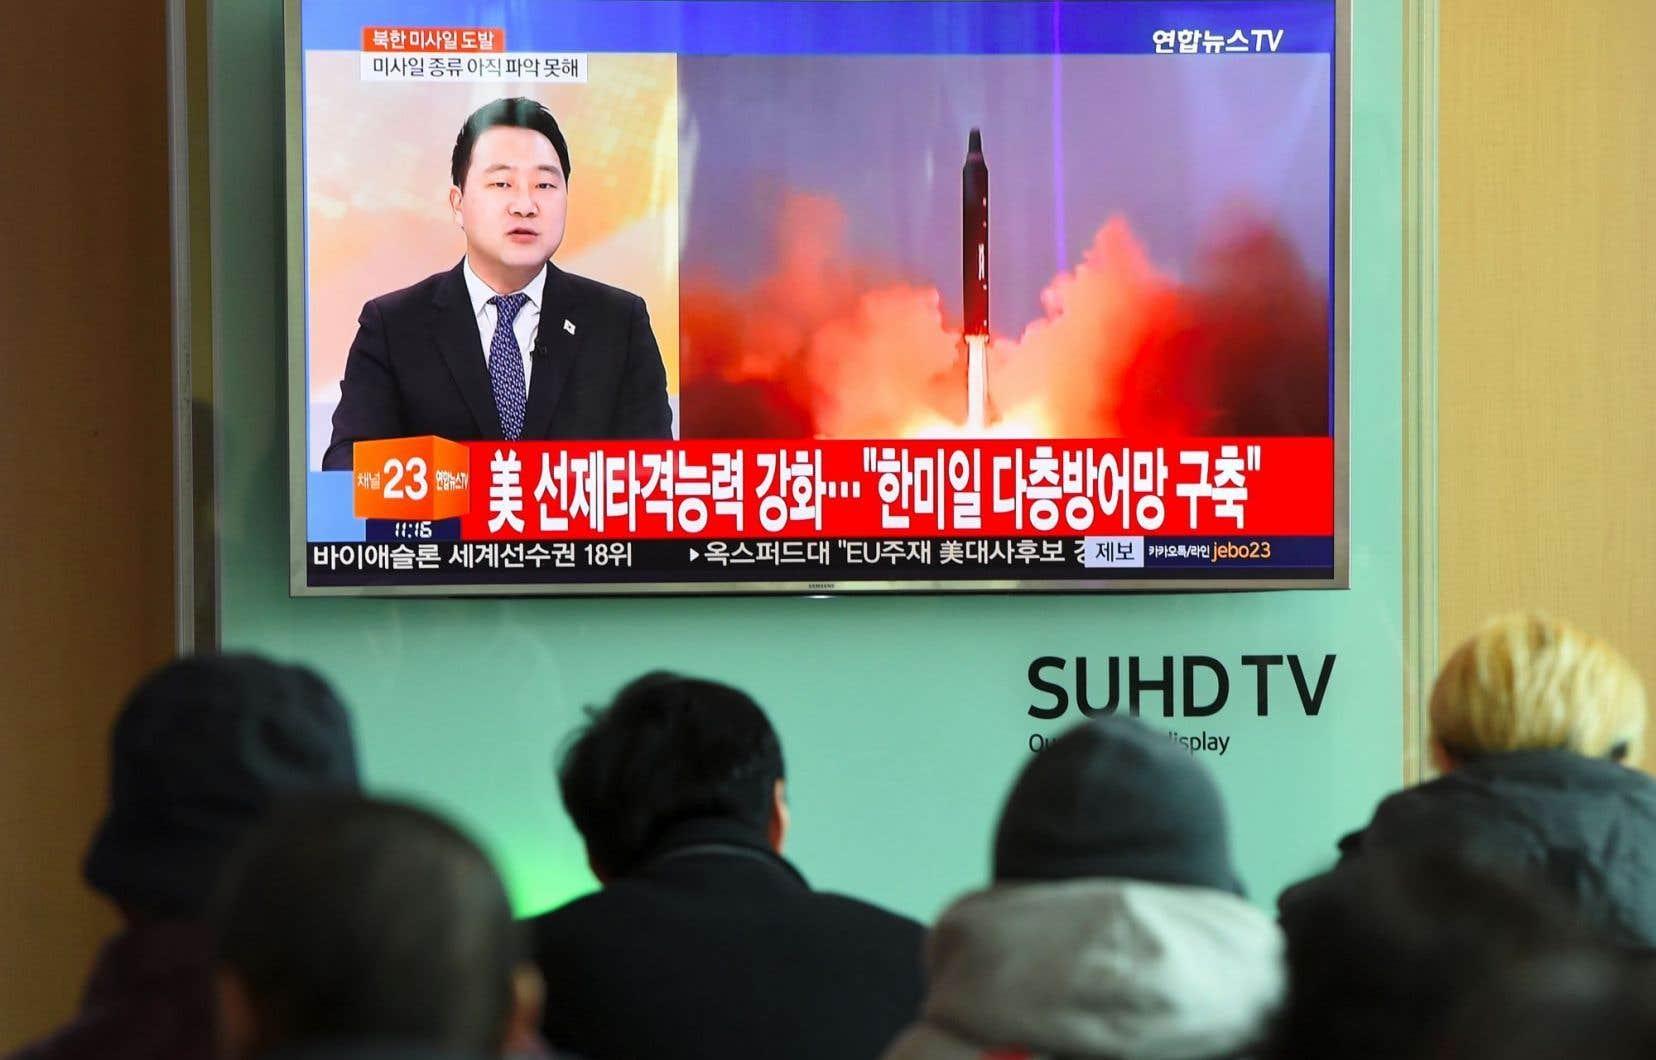 Des Sud-Coréens attroupés dans une gare de Séoul regardent des images du lancement de missile par la Corée du Nord.